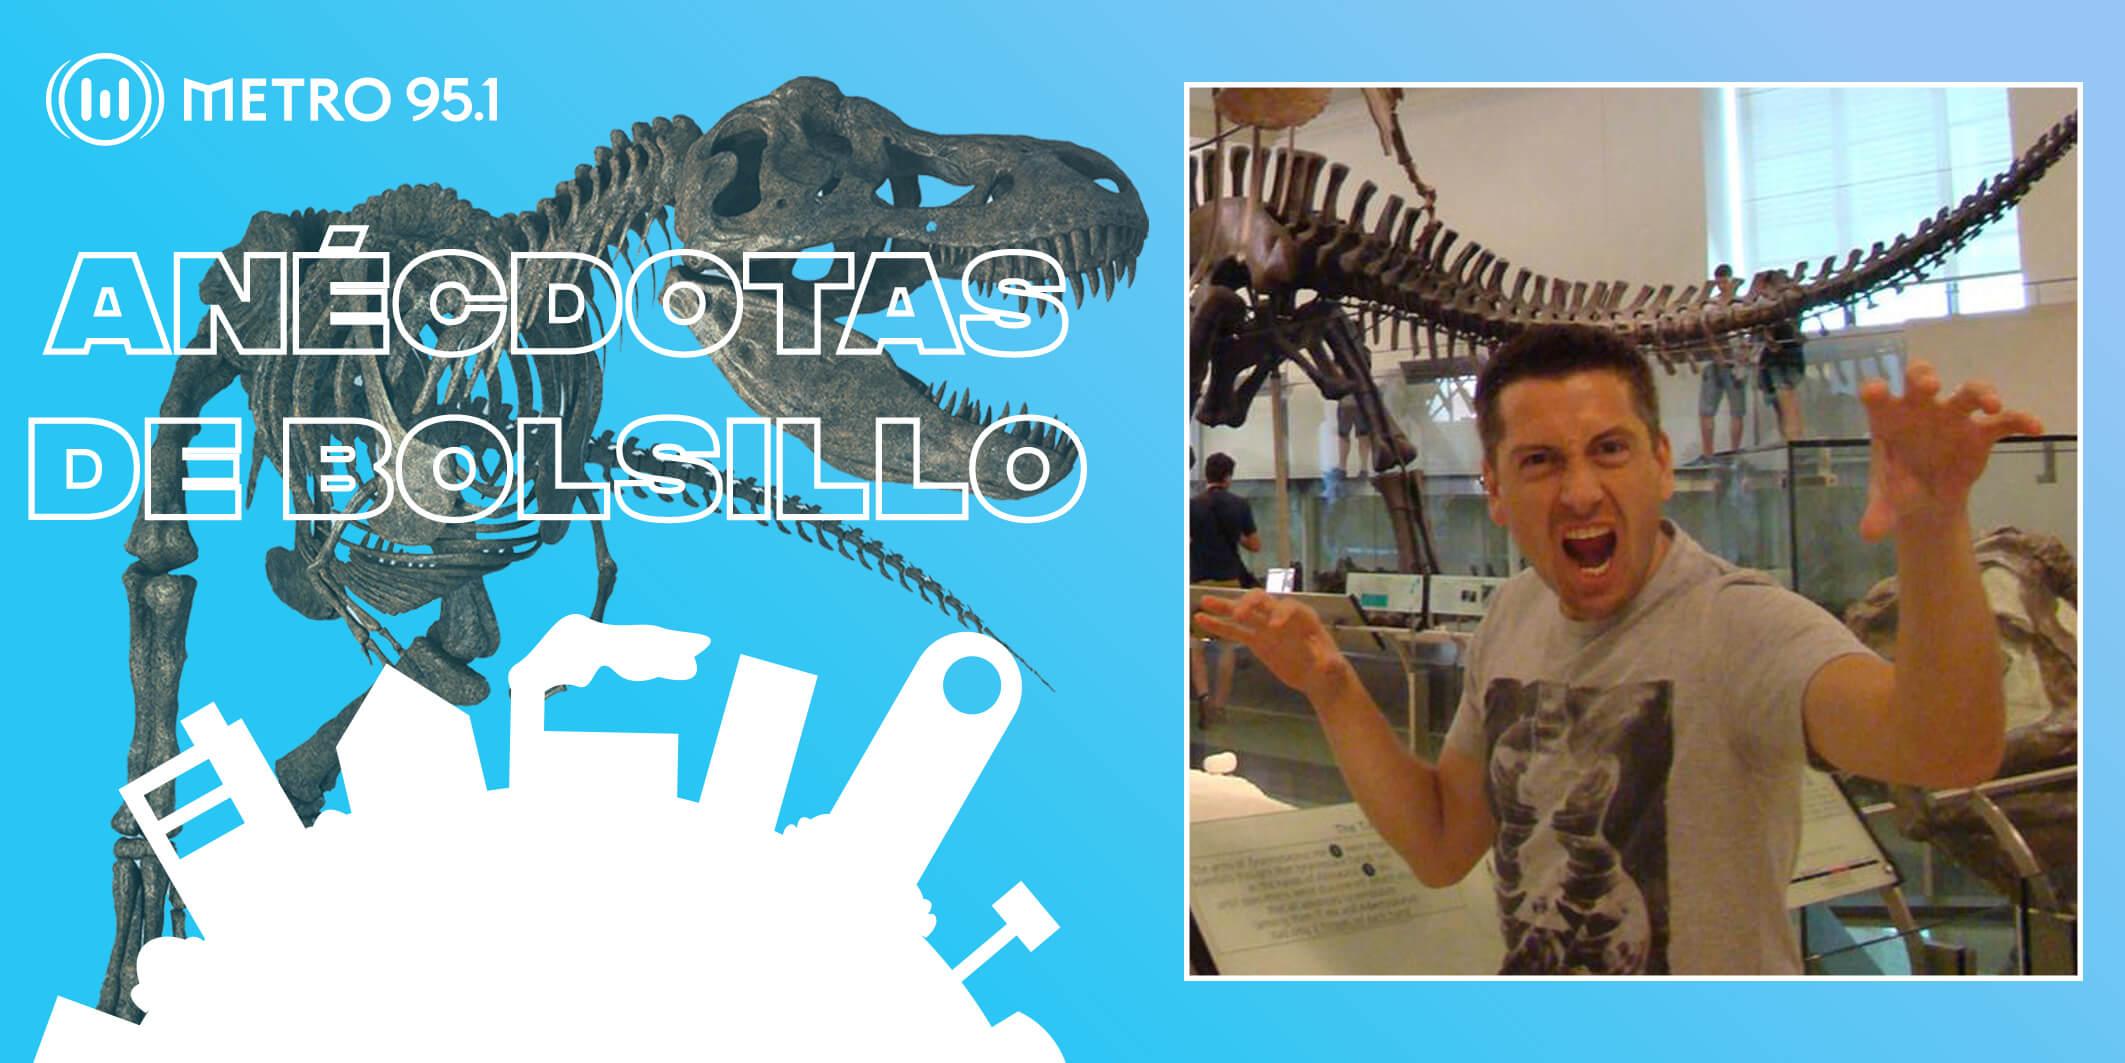 #AnécdotasDeBolsillo – La historia de Luciano y su dinosaurio